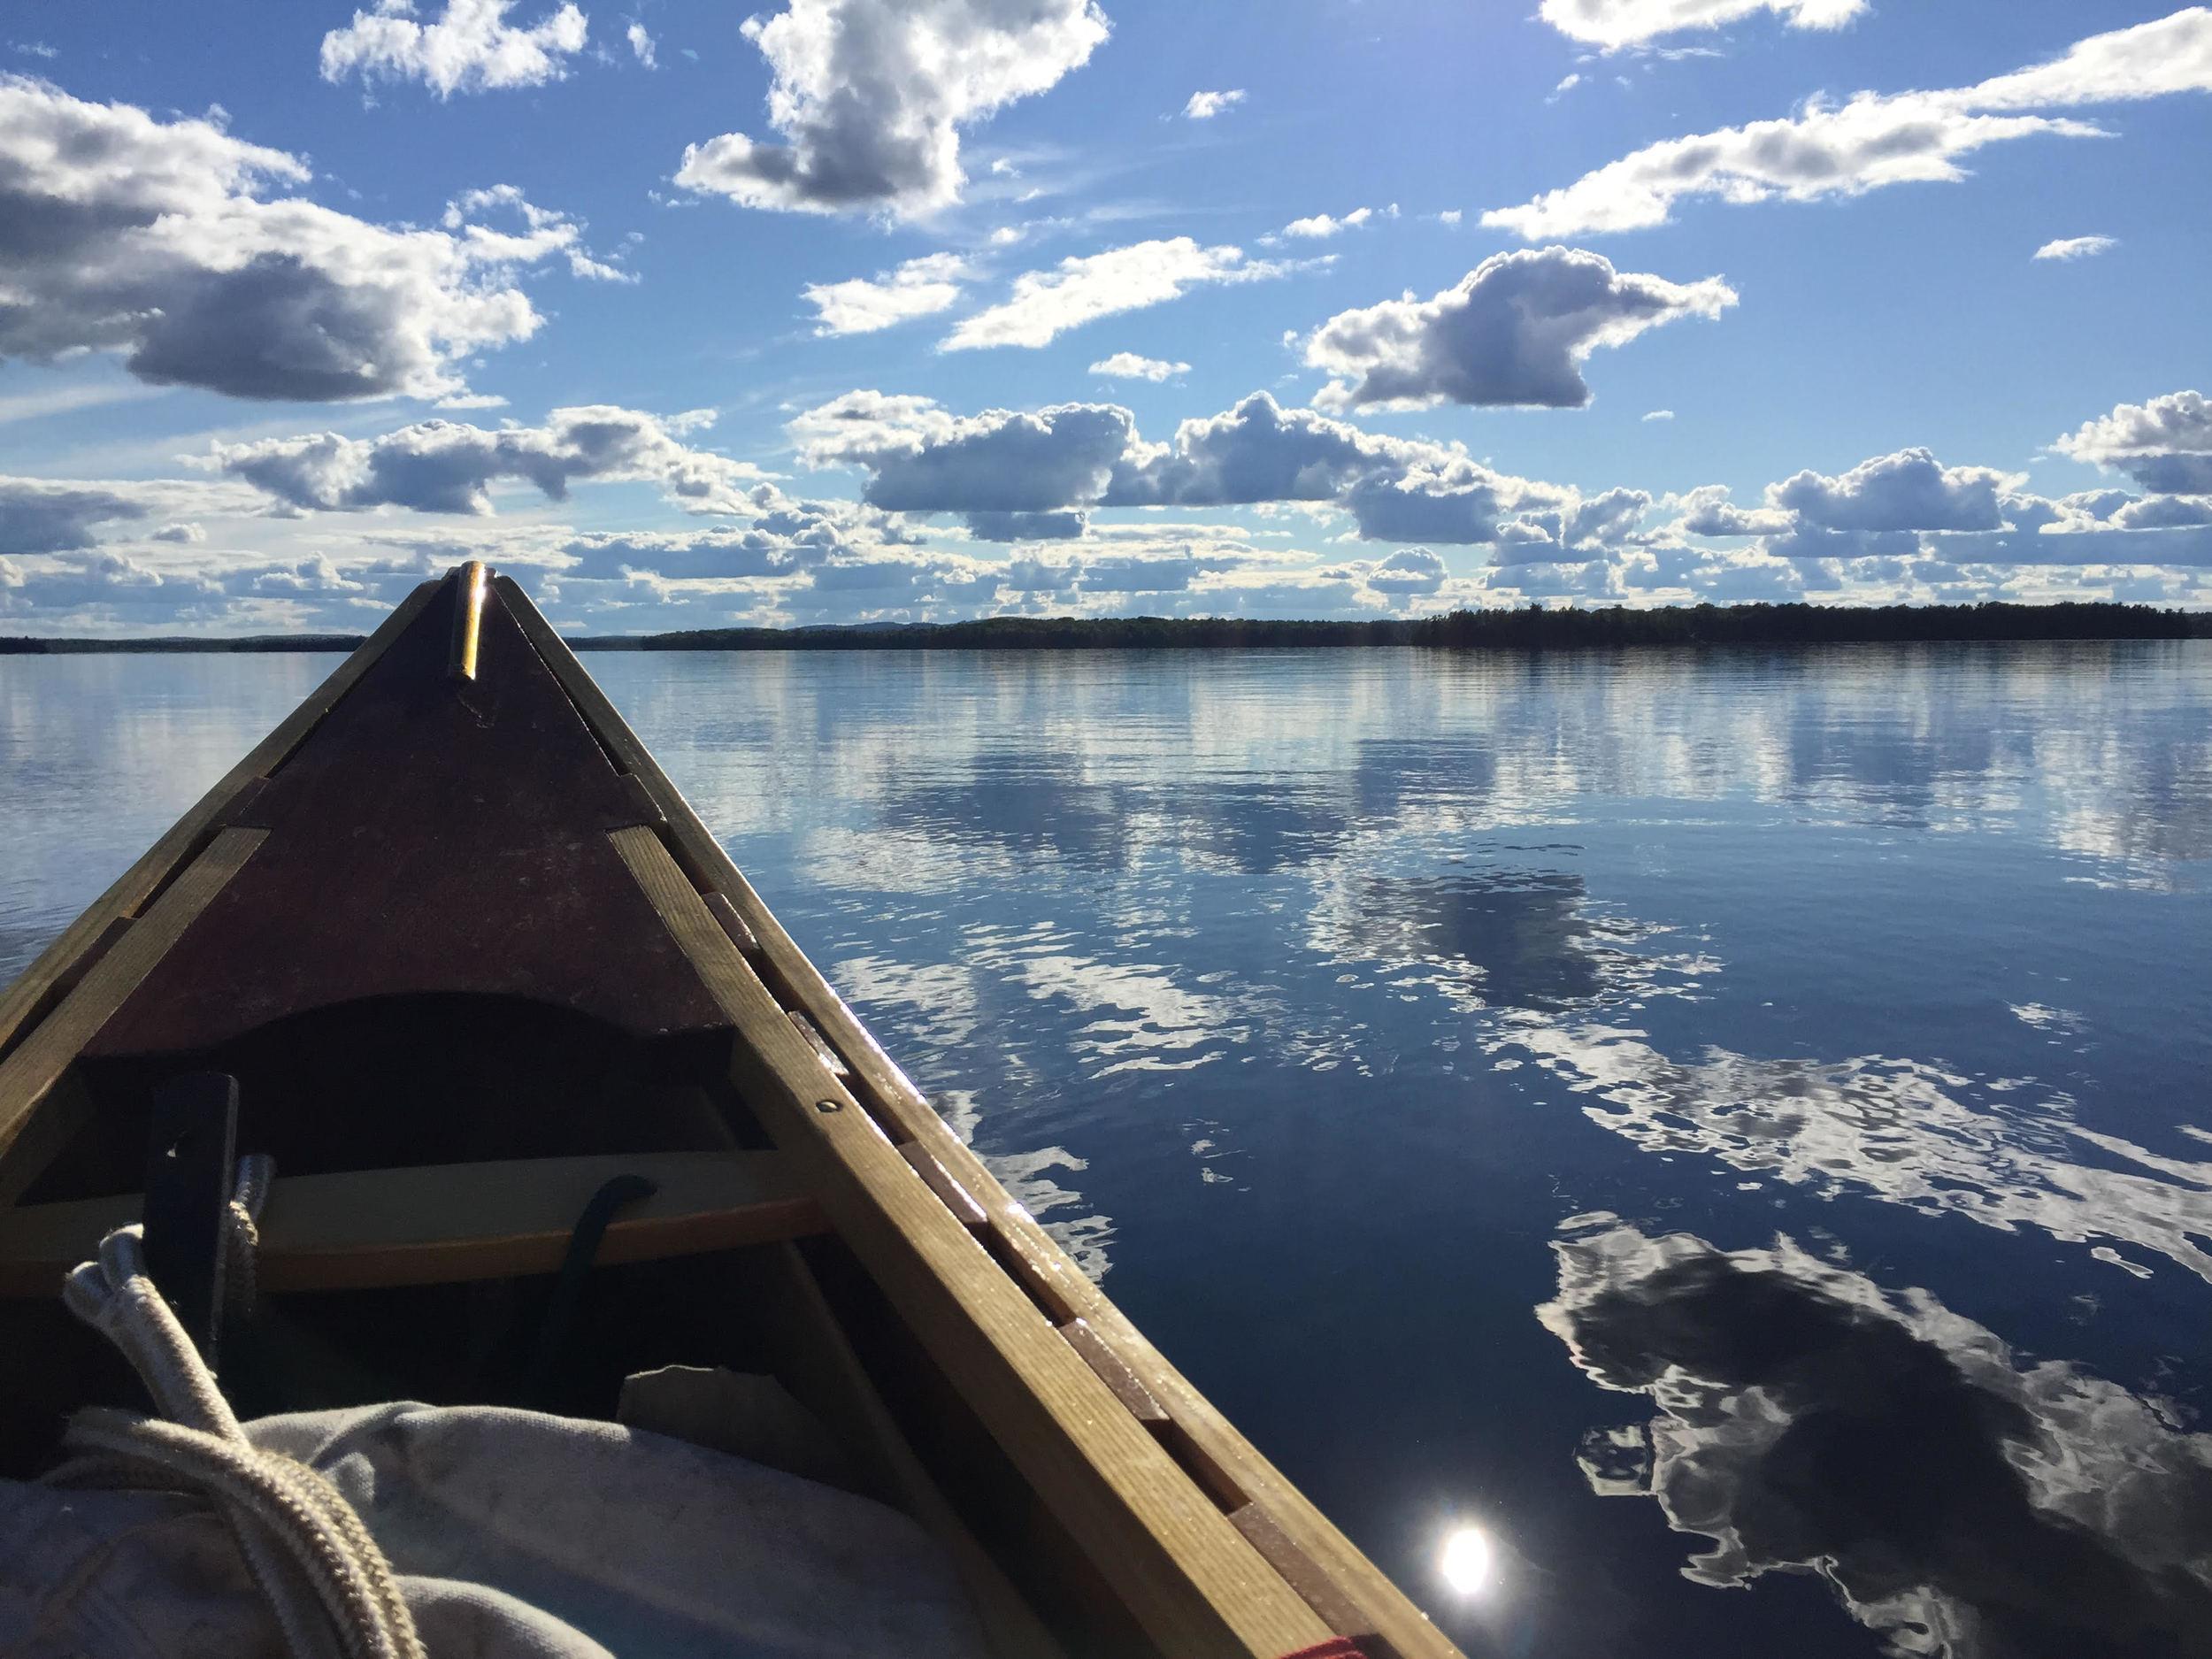 The view from Robert's handmade canoe